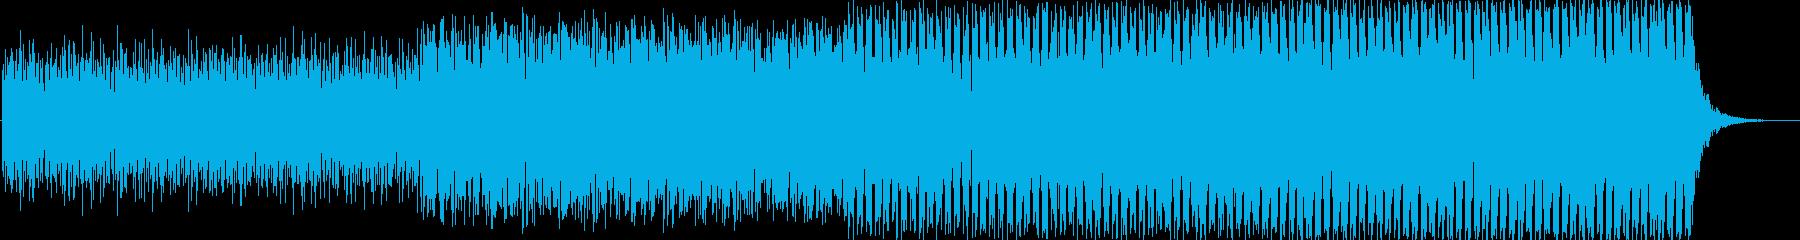 エレクトロニカ ゲームバトルシーンスローの再生済みの波形